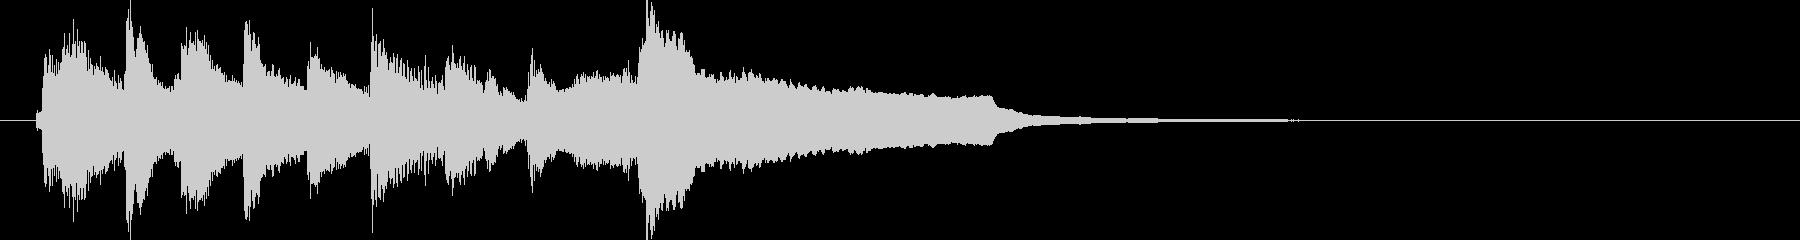 和風ジングル雅2 琴2 7_14の未再生の波形